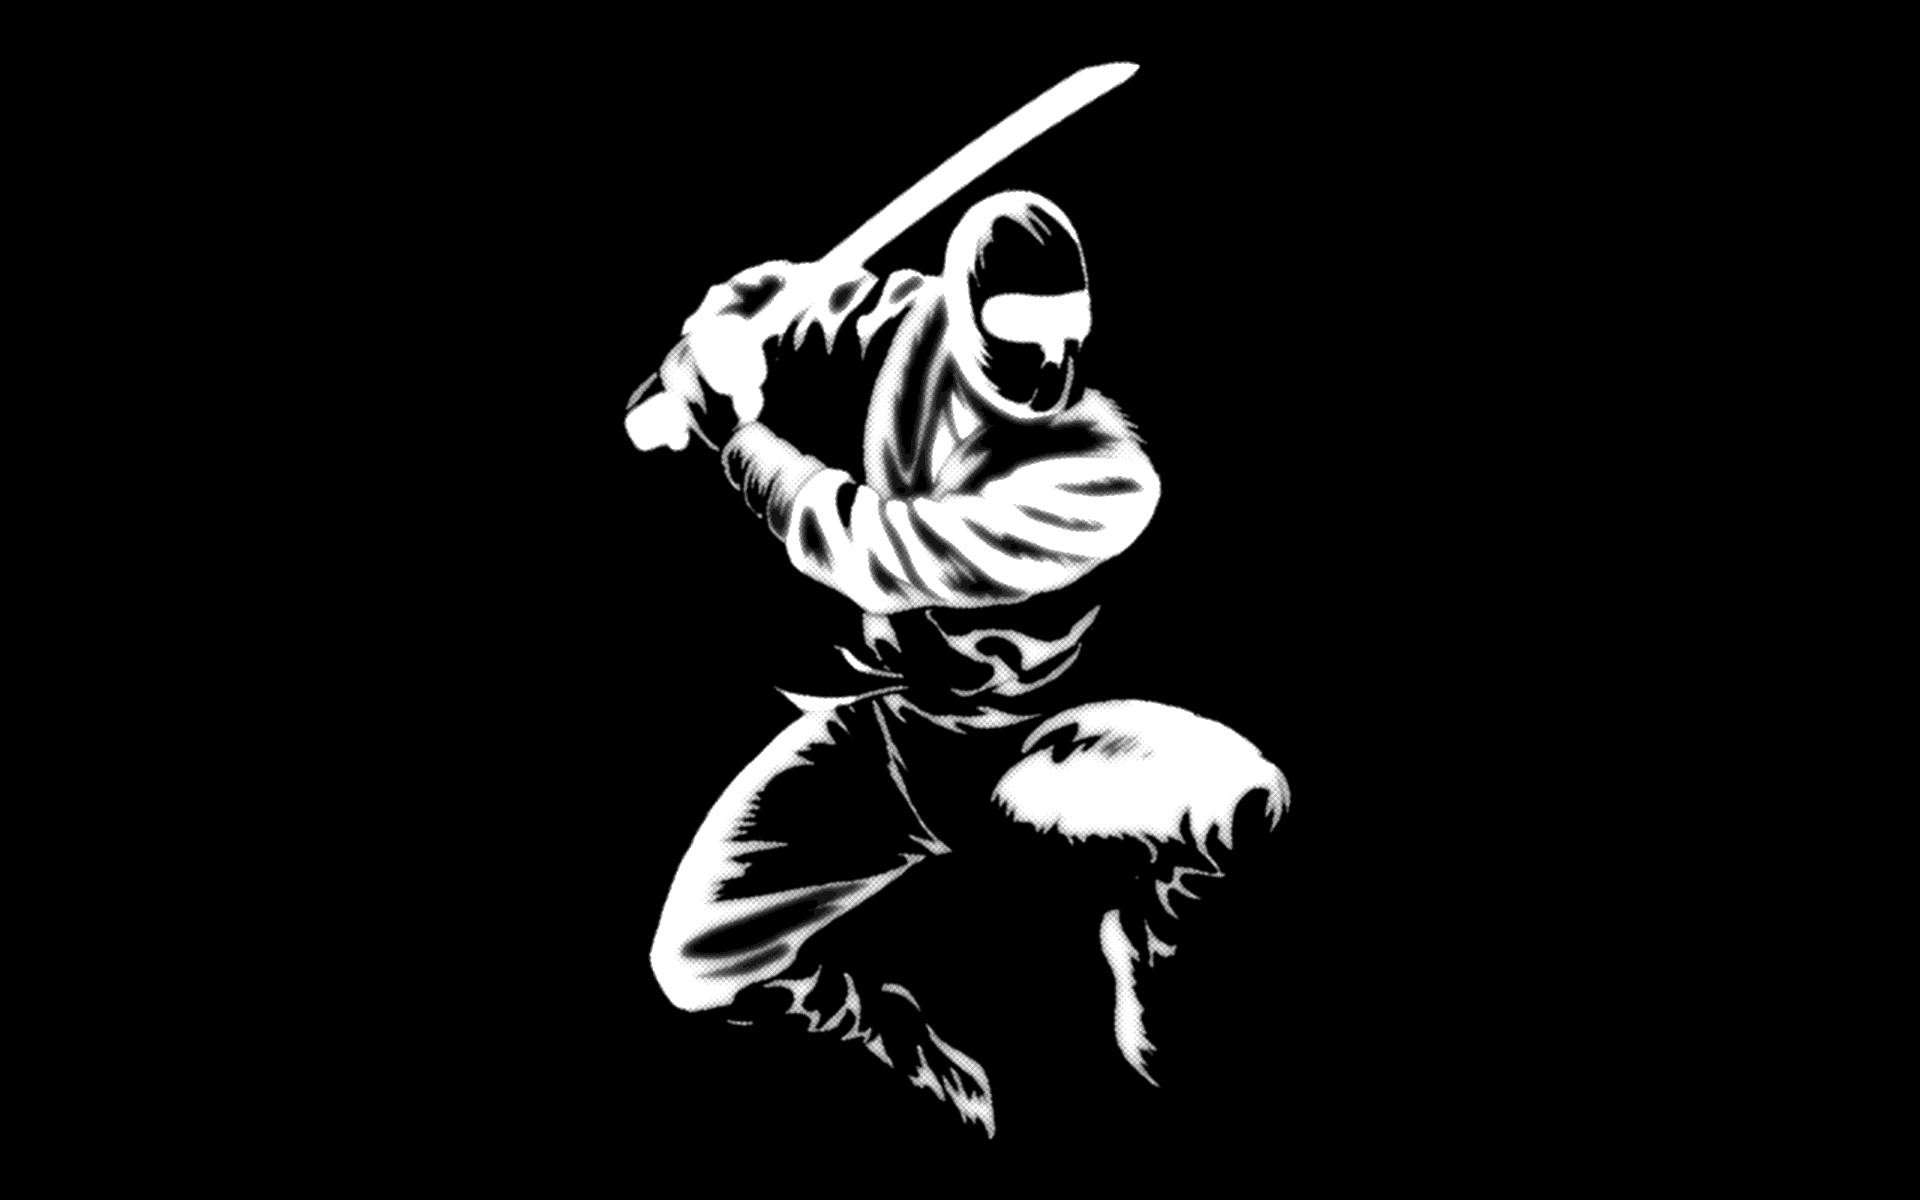 Ninja HD PNG - 117403